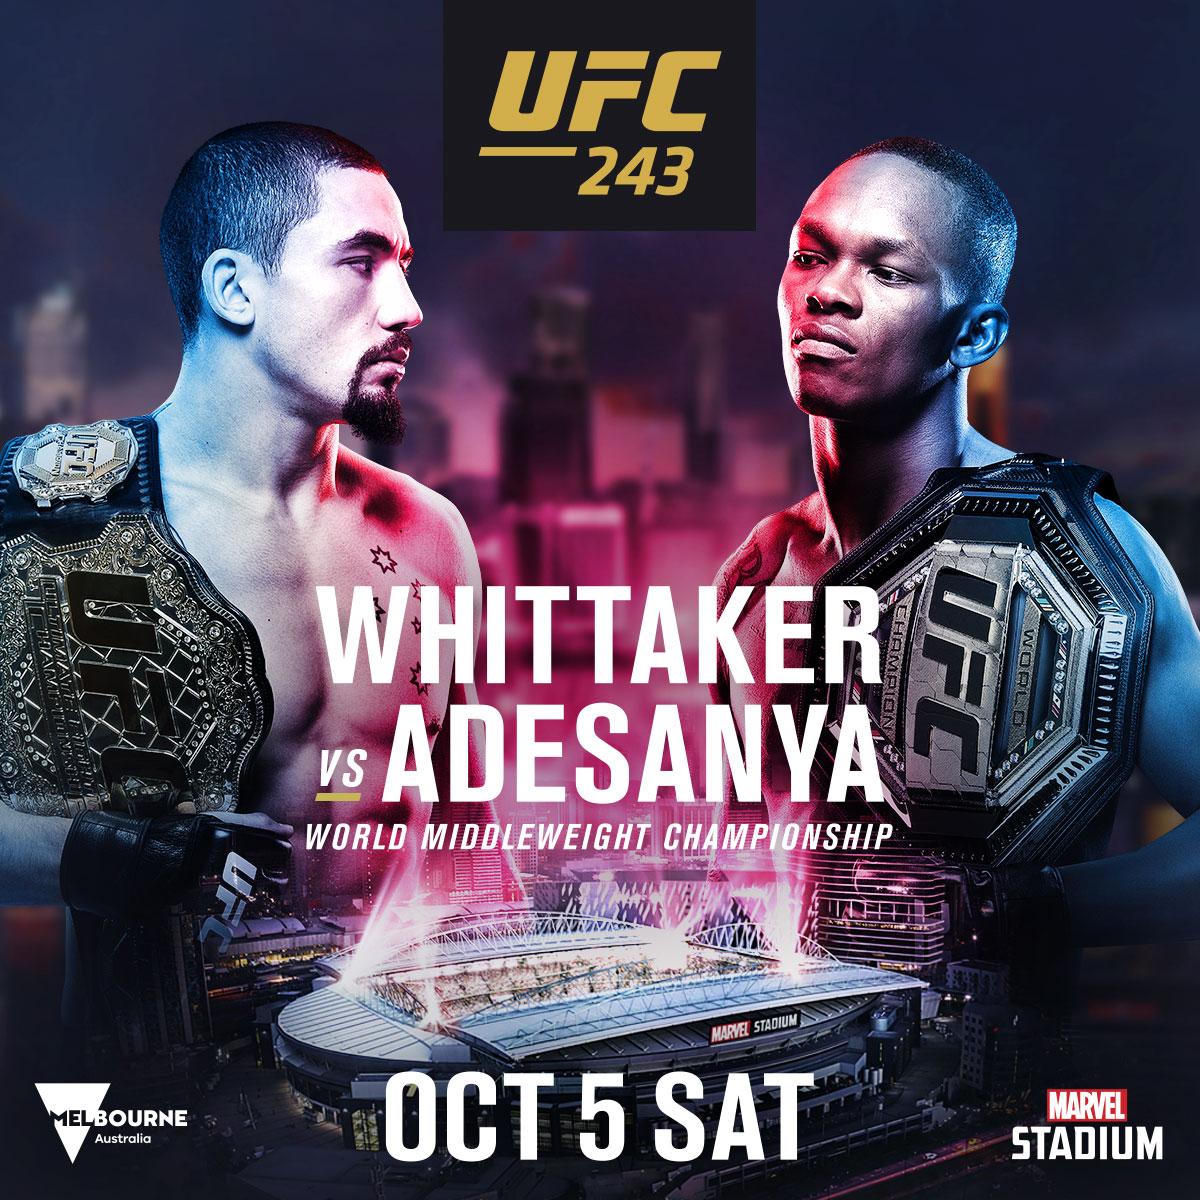 Reacciones a la victoria de Israel Adesanya en UFC 243